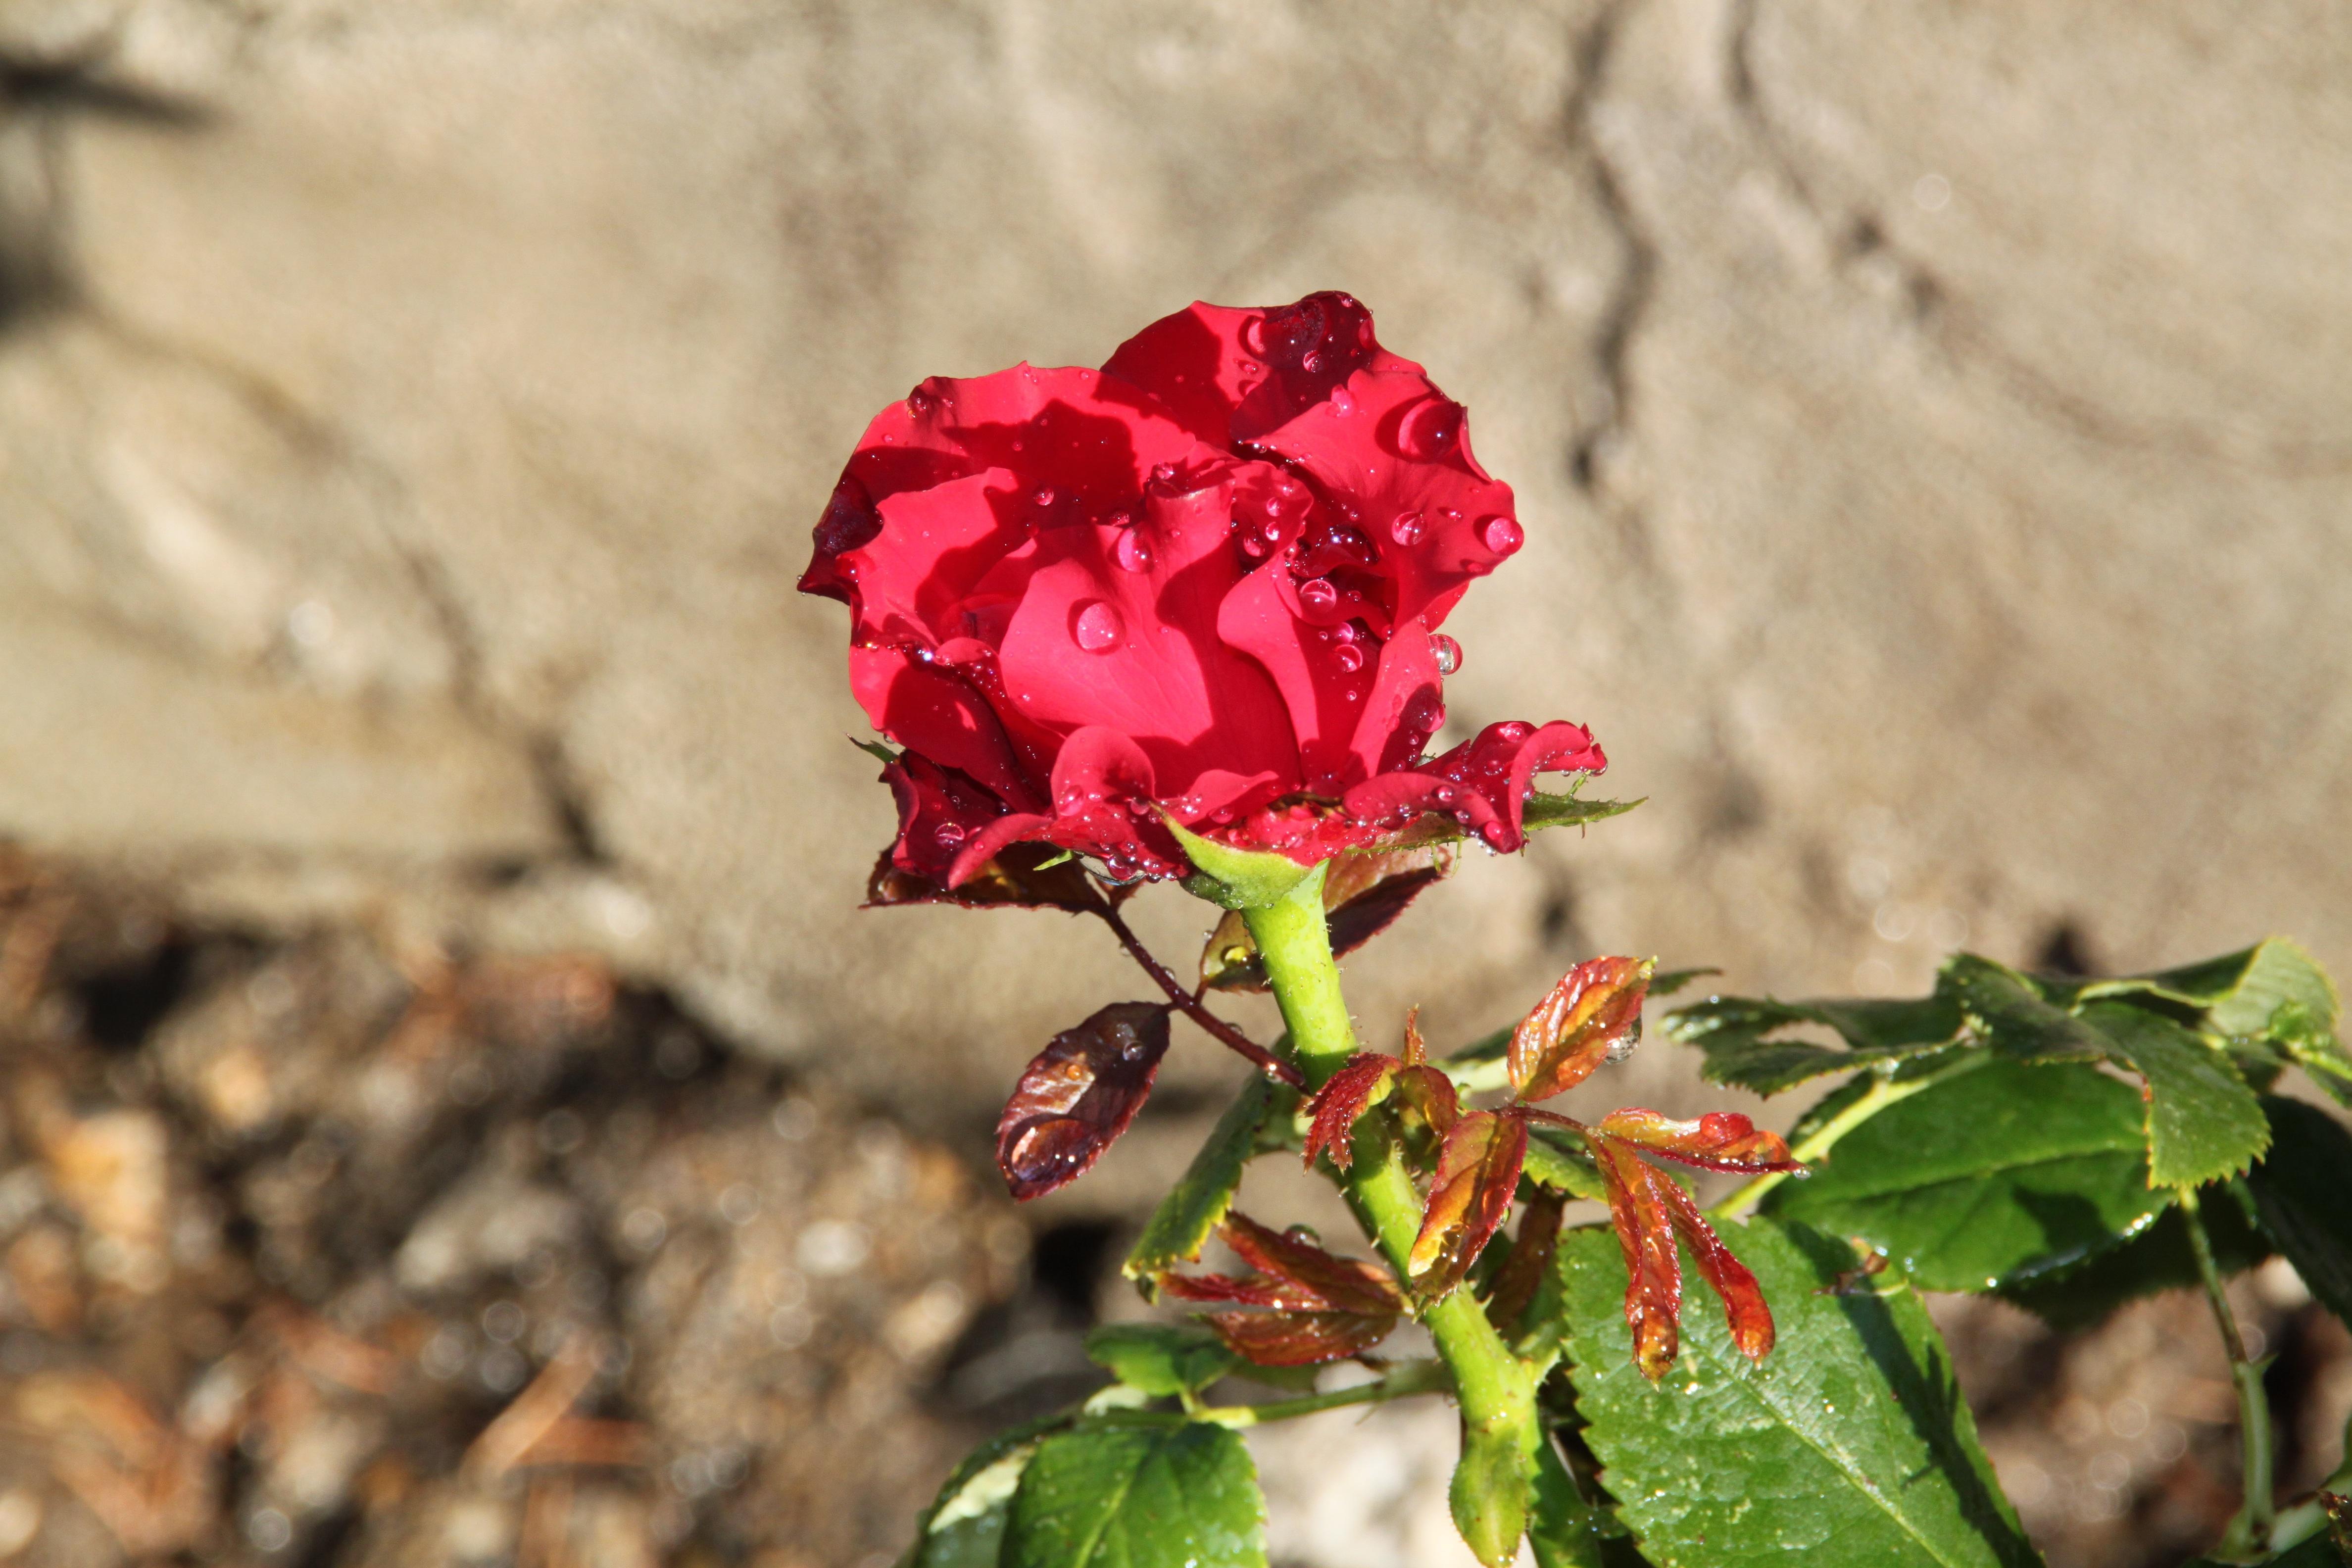 последний картинки с дикими розами вертикальным линиям шее